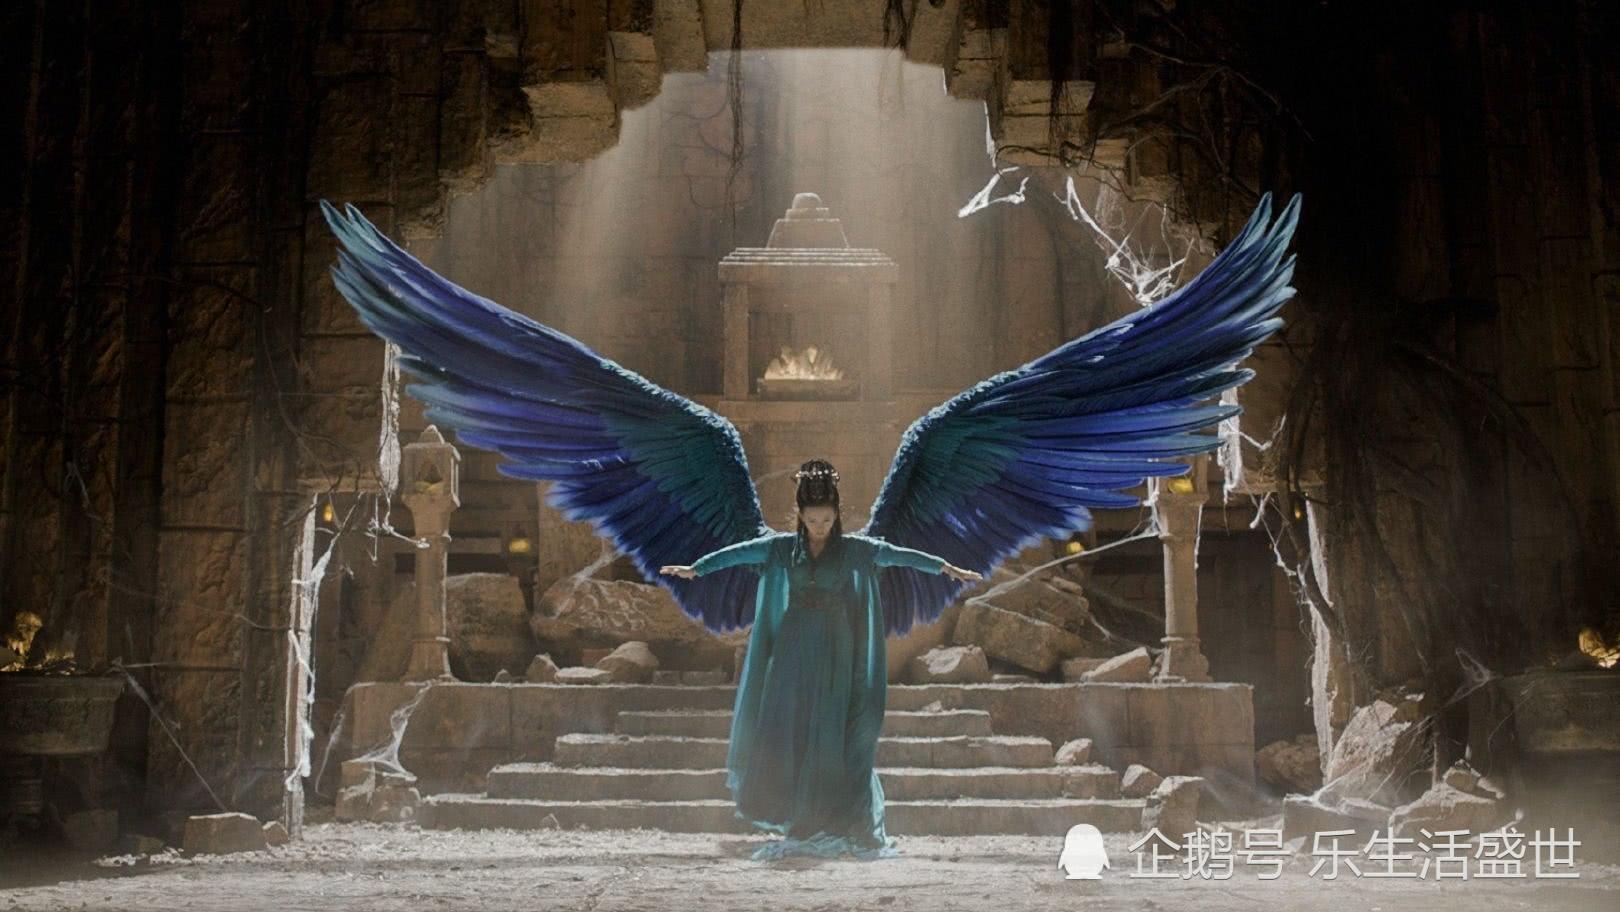 九州缥缈录:羽然绝美展翅,蓝色翅膀增加了神秘感,专心搞事业